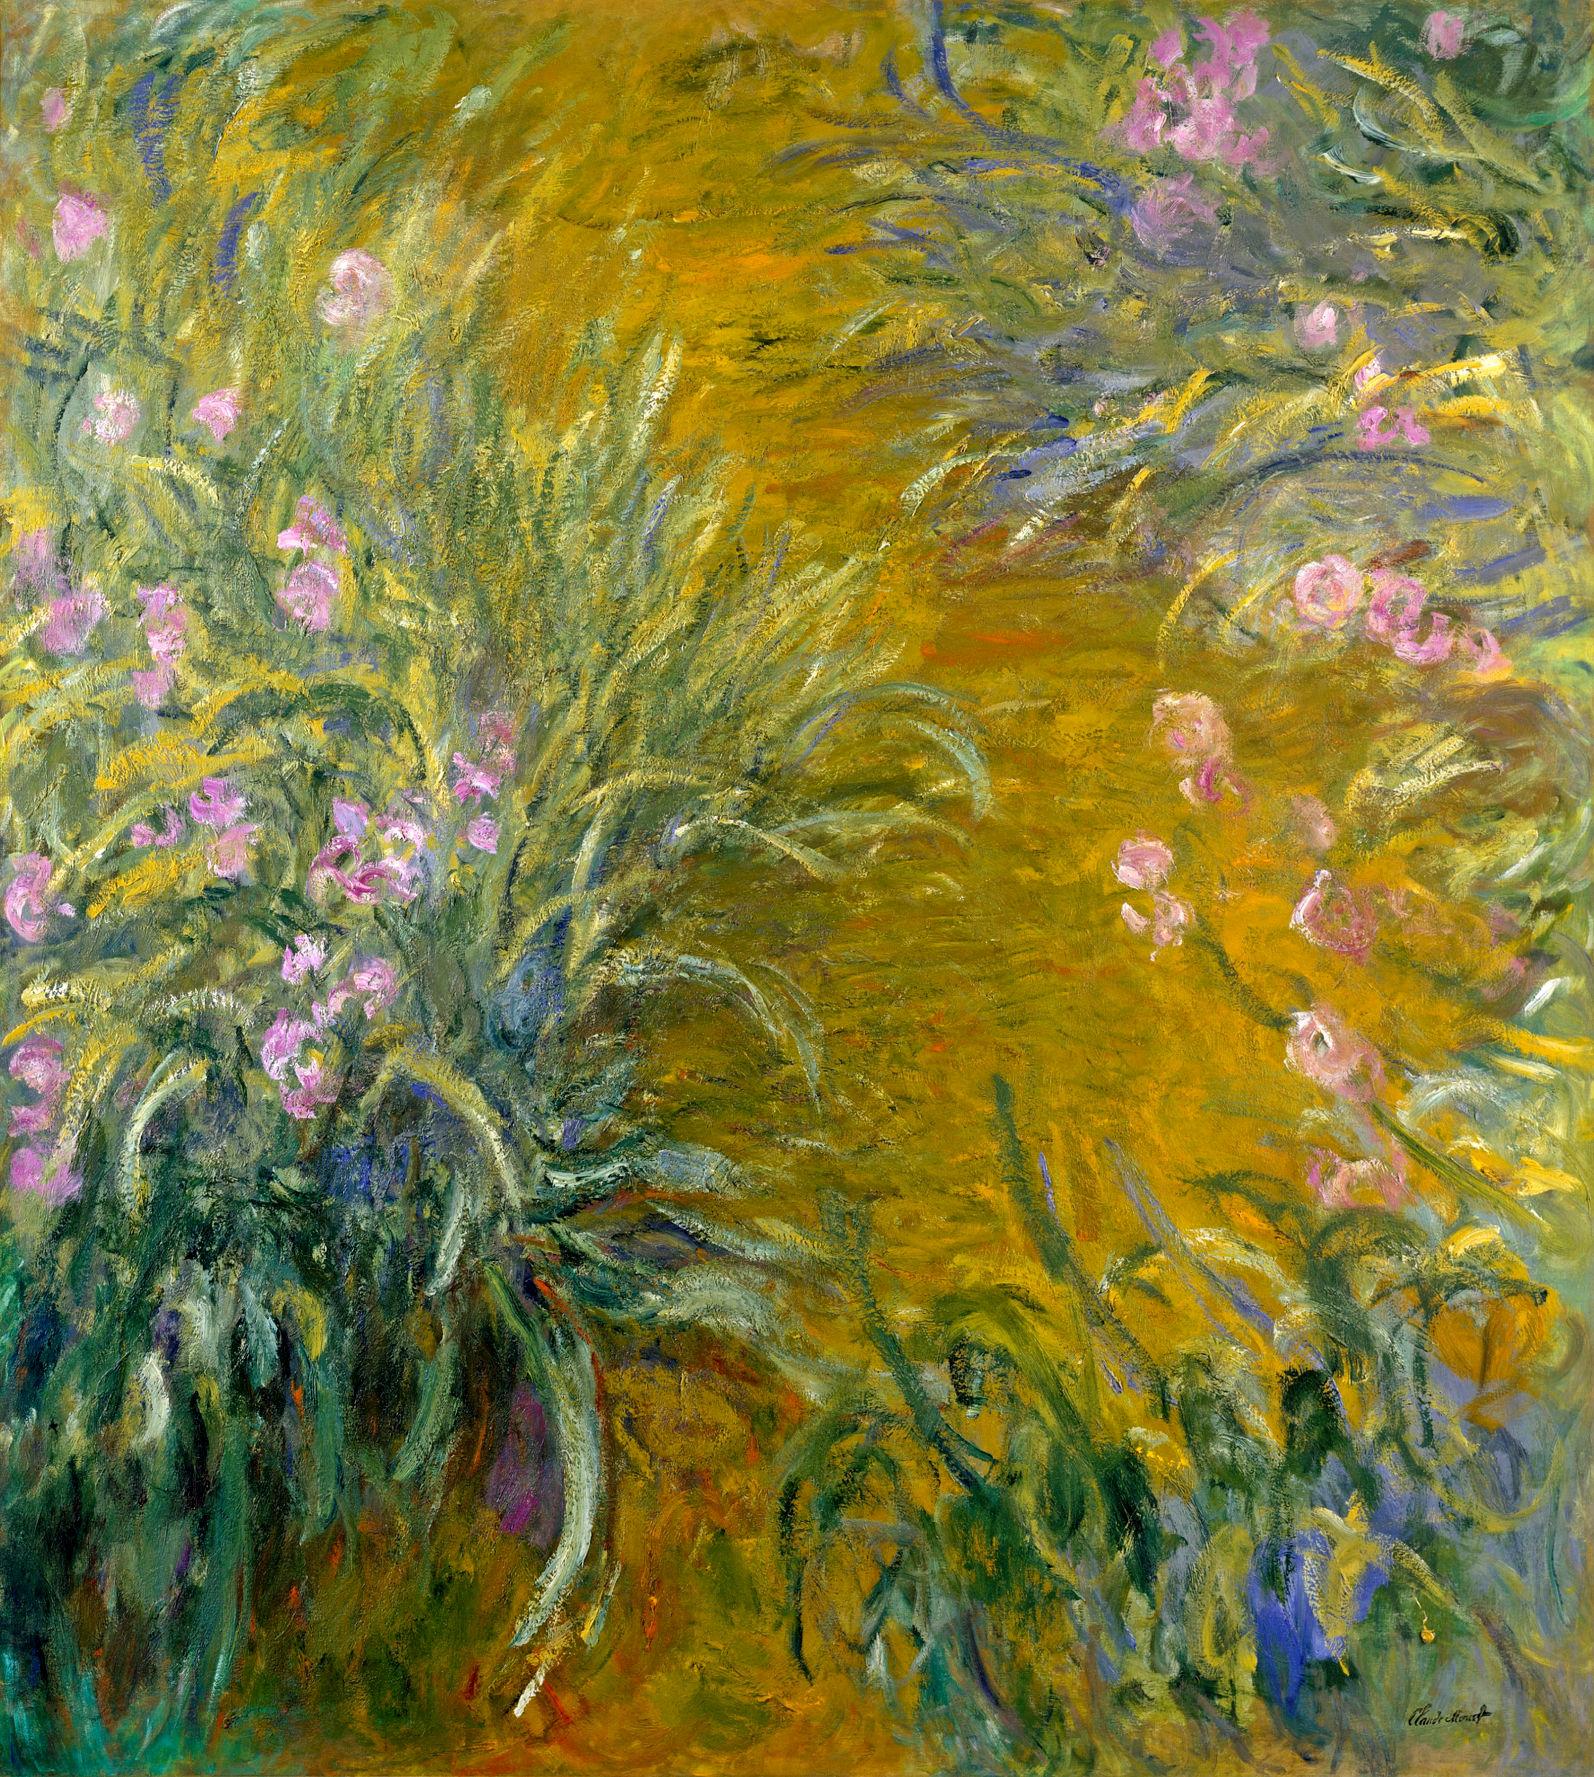 пейзаж < Тропа и ирисы >:: Клод Моне, описание картины - Claude Monet фото